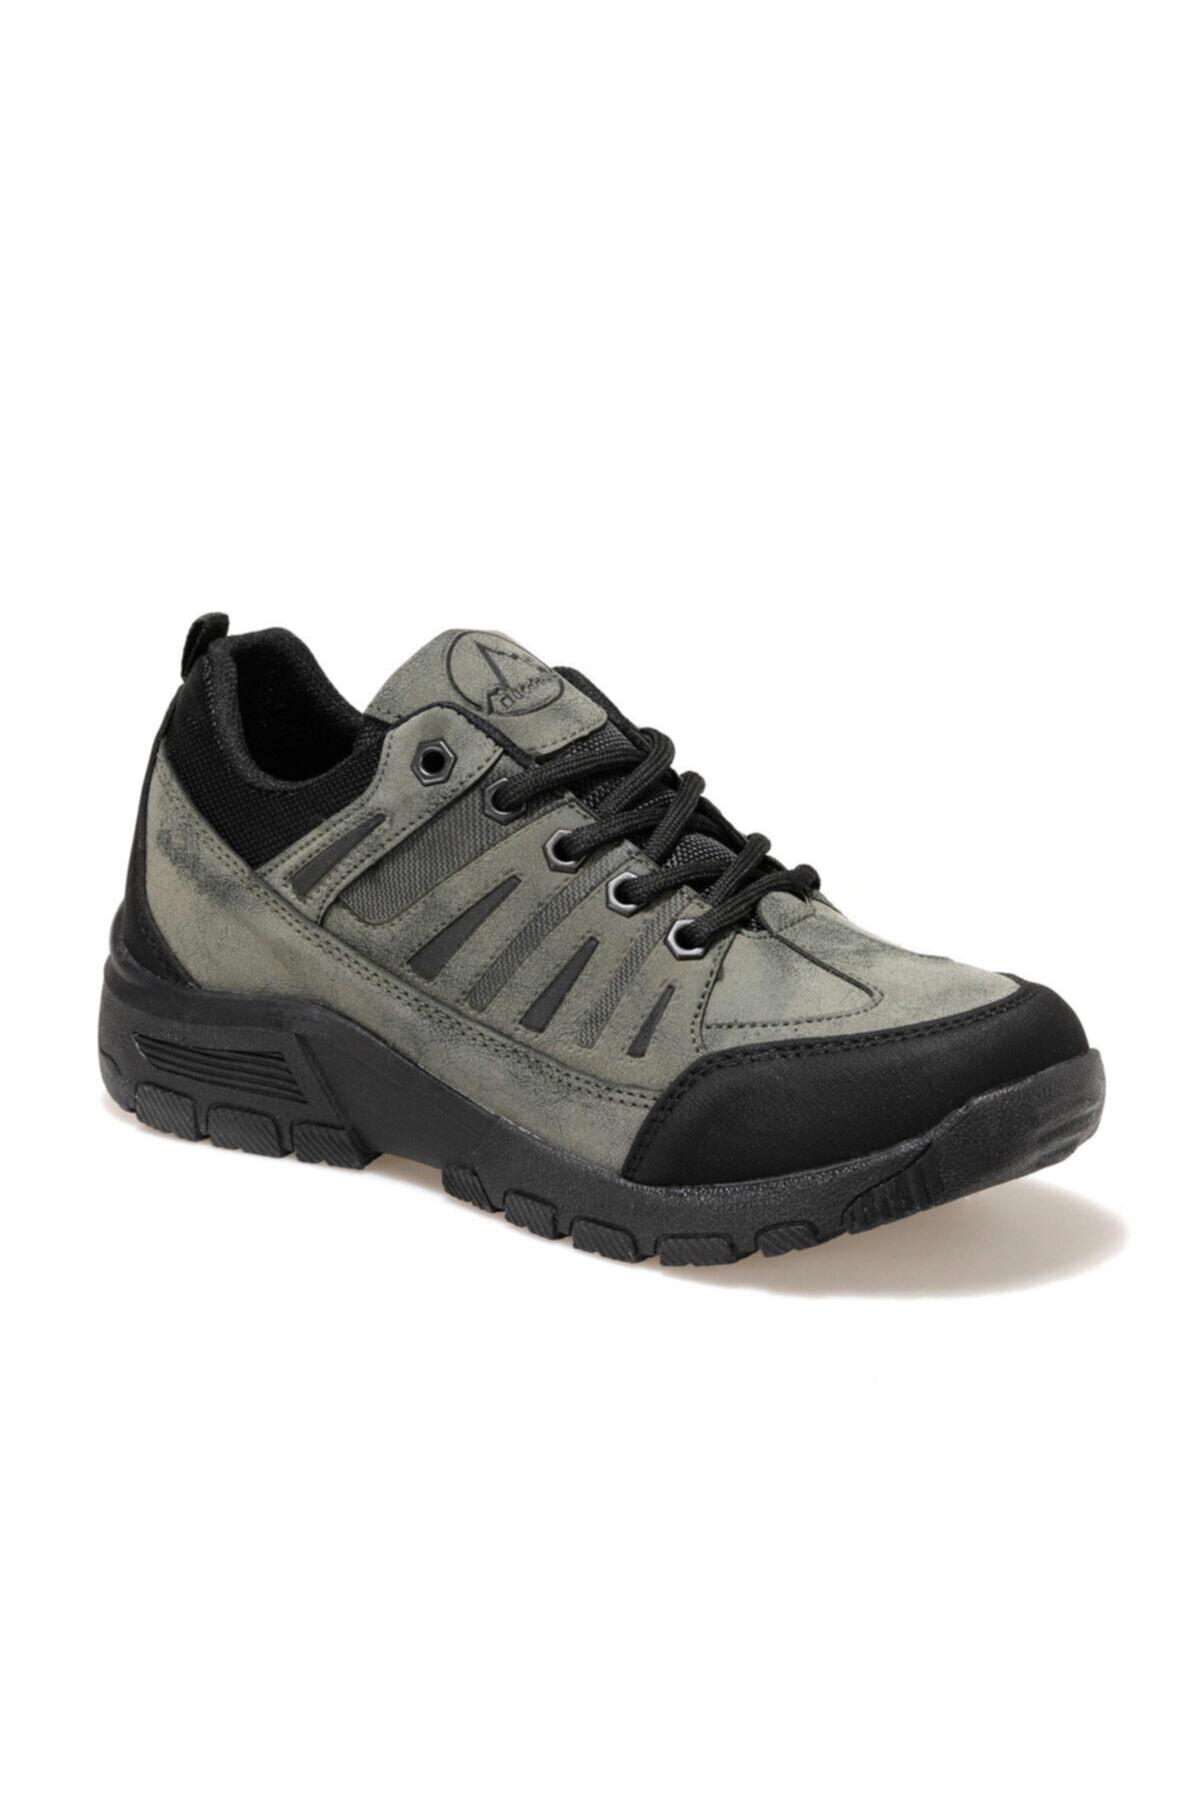 PANAMA CLUB Btl-1 Haki Erkek Ayakkabı 1